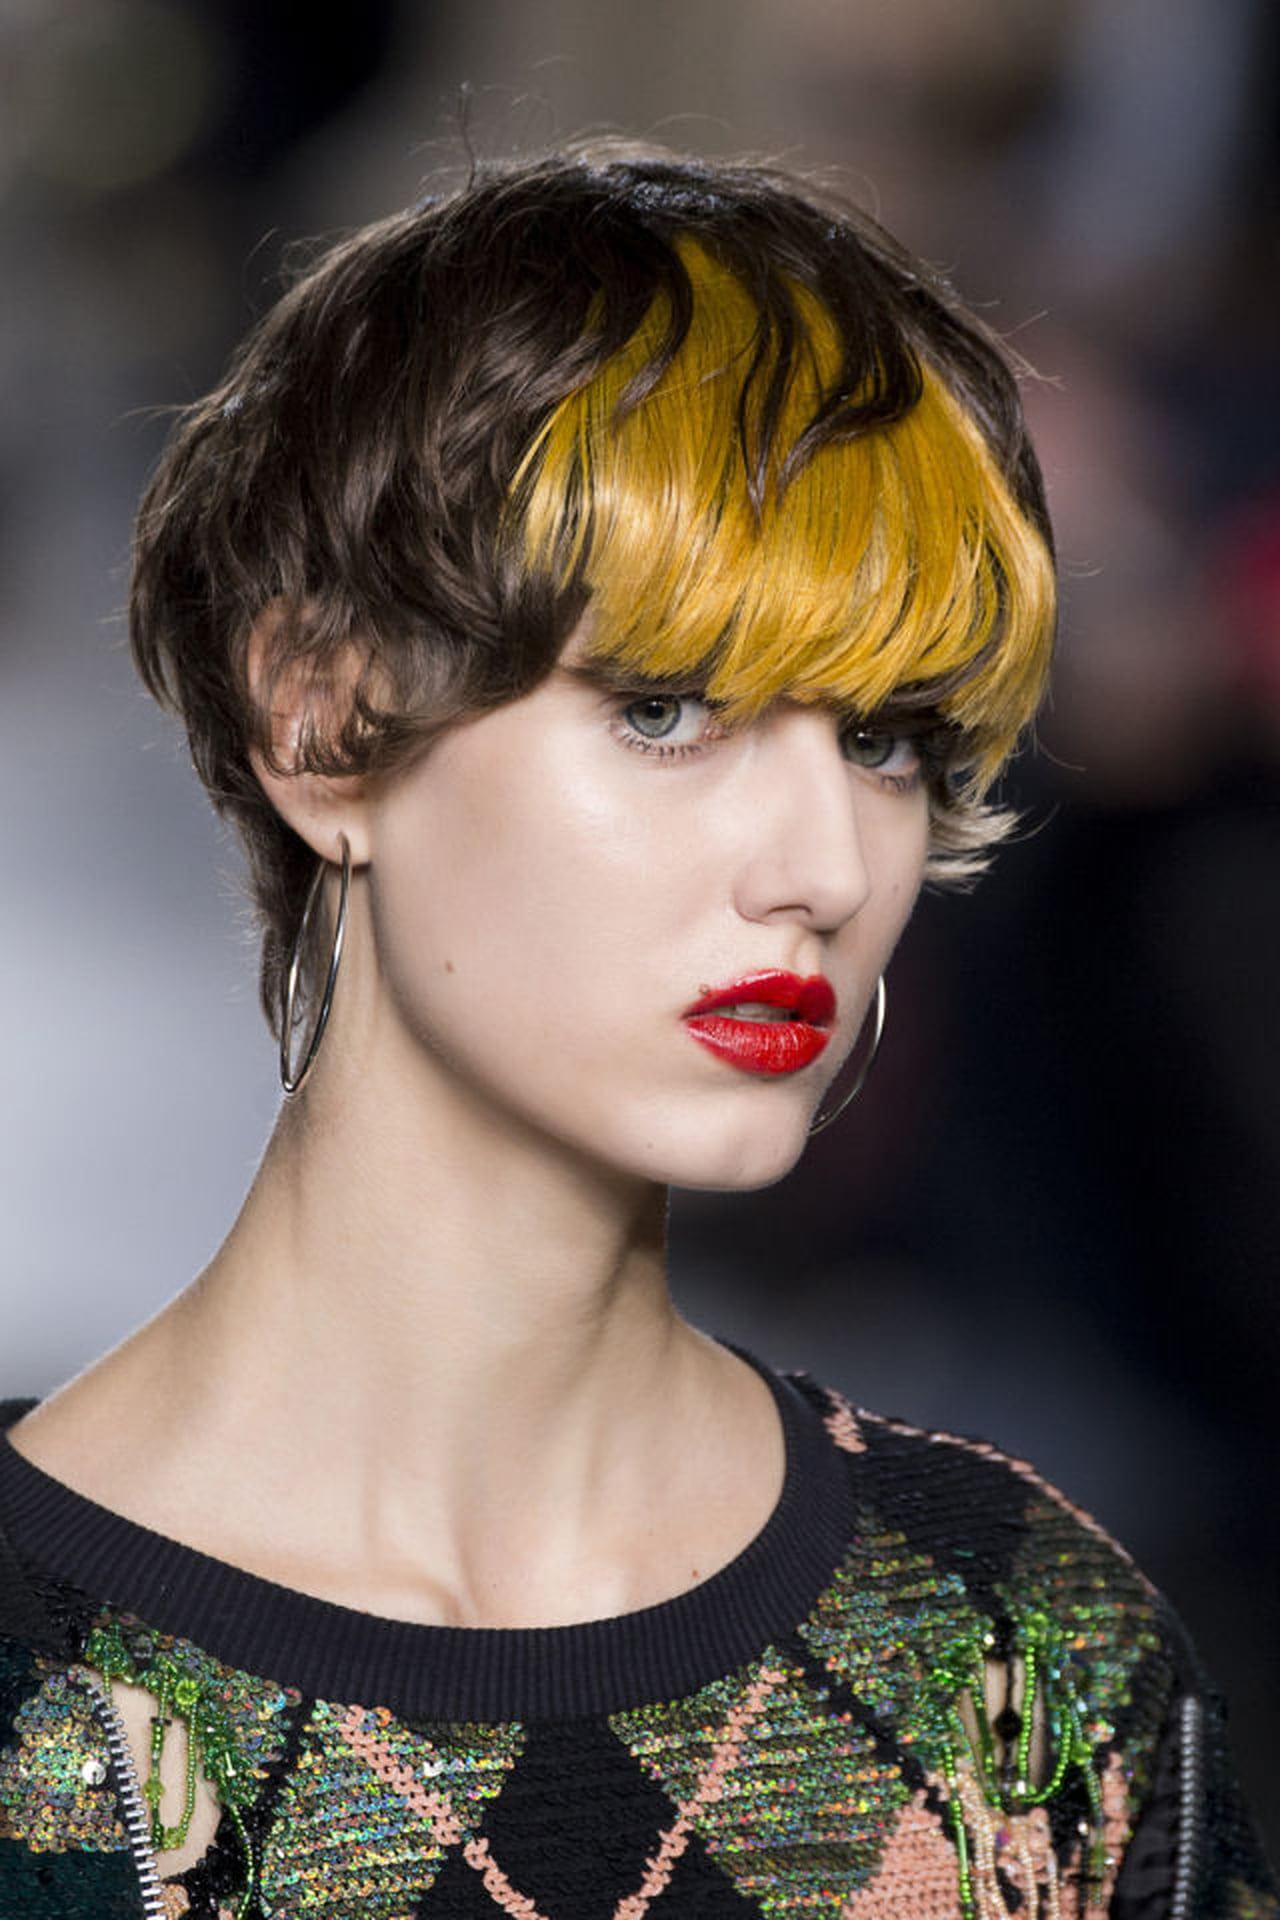 Capelli e colore: tutti i trend dell'autunno 2015 ...